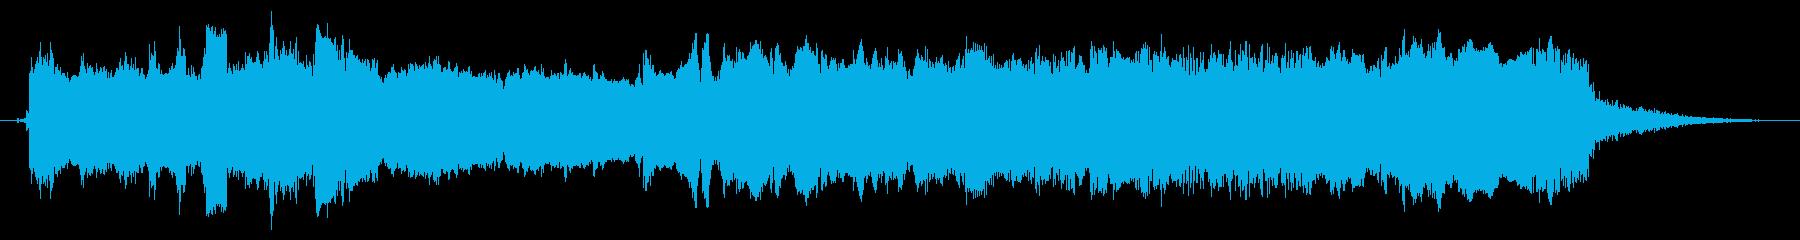 エレクトリックギター:ショートブル...の再生済みの波形